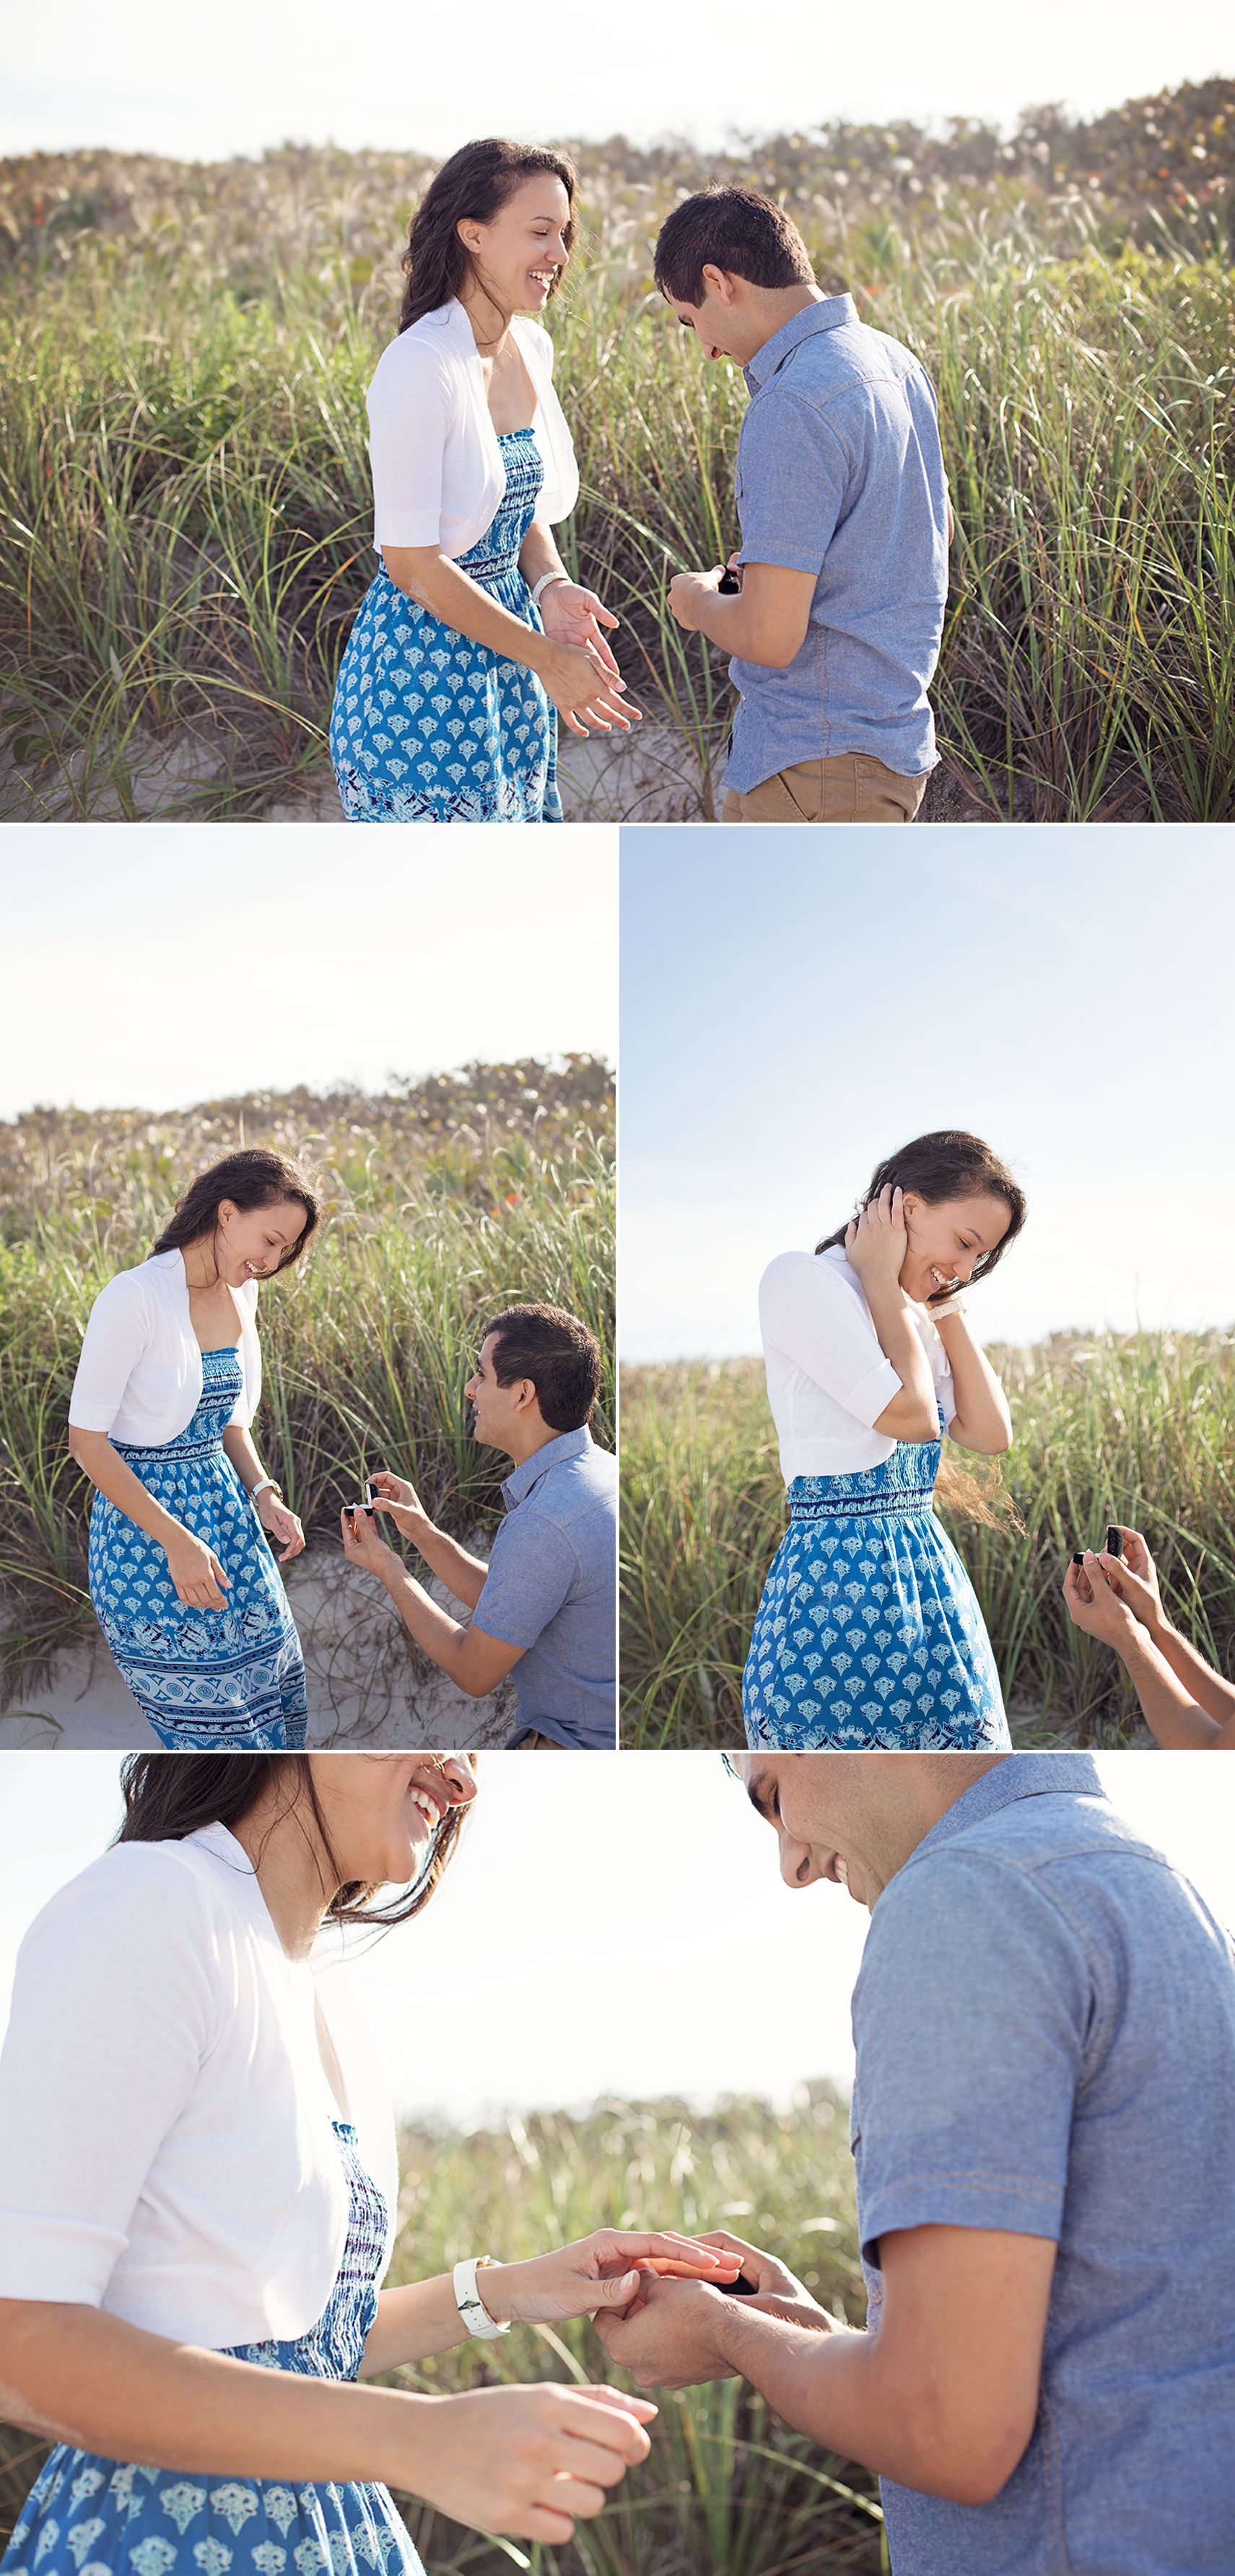 Nicole Austen Photography  | Surprise Proposal Session | Engagement